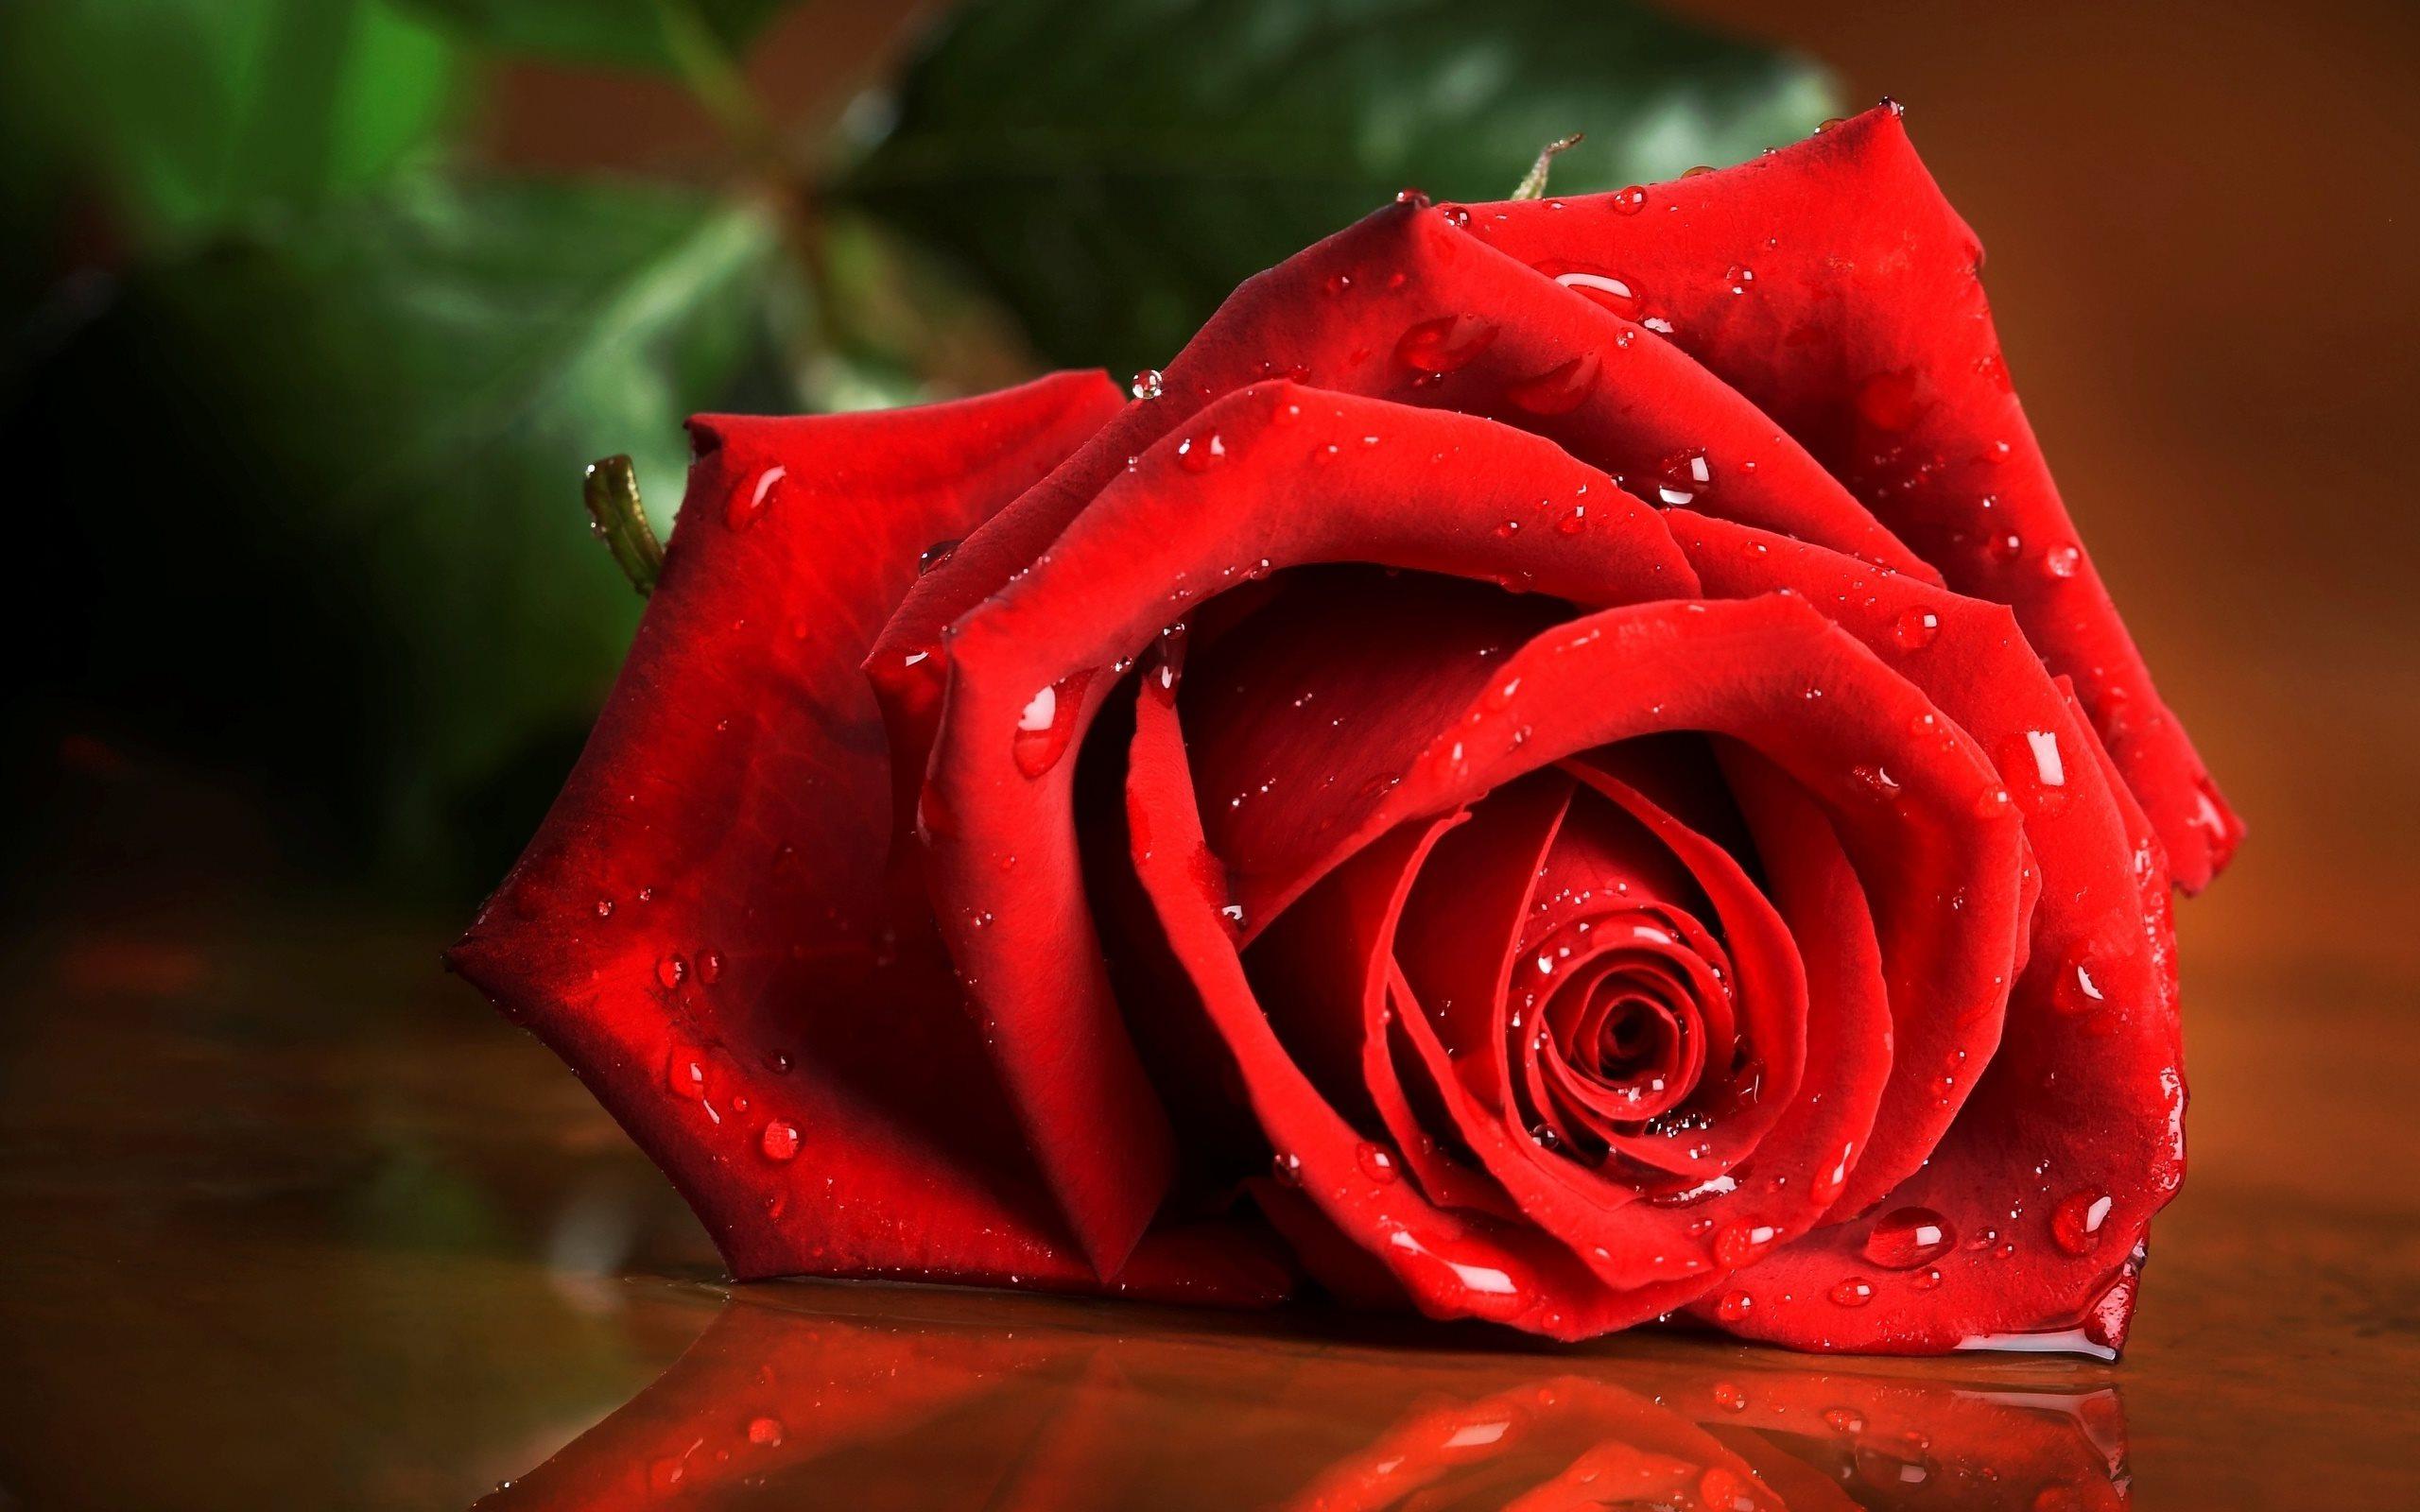 красивая роза картинка в хорошем качестве